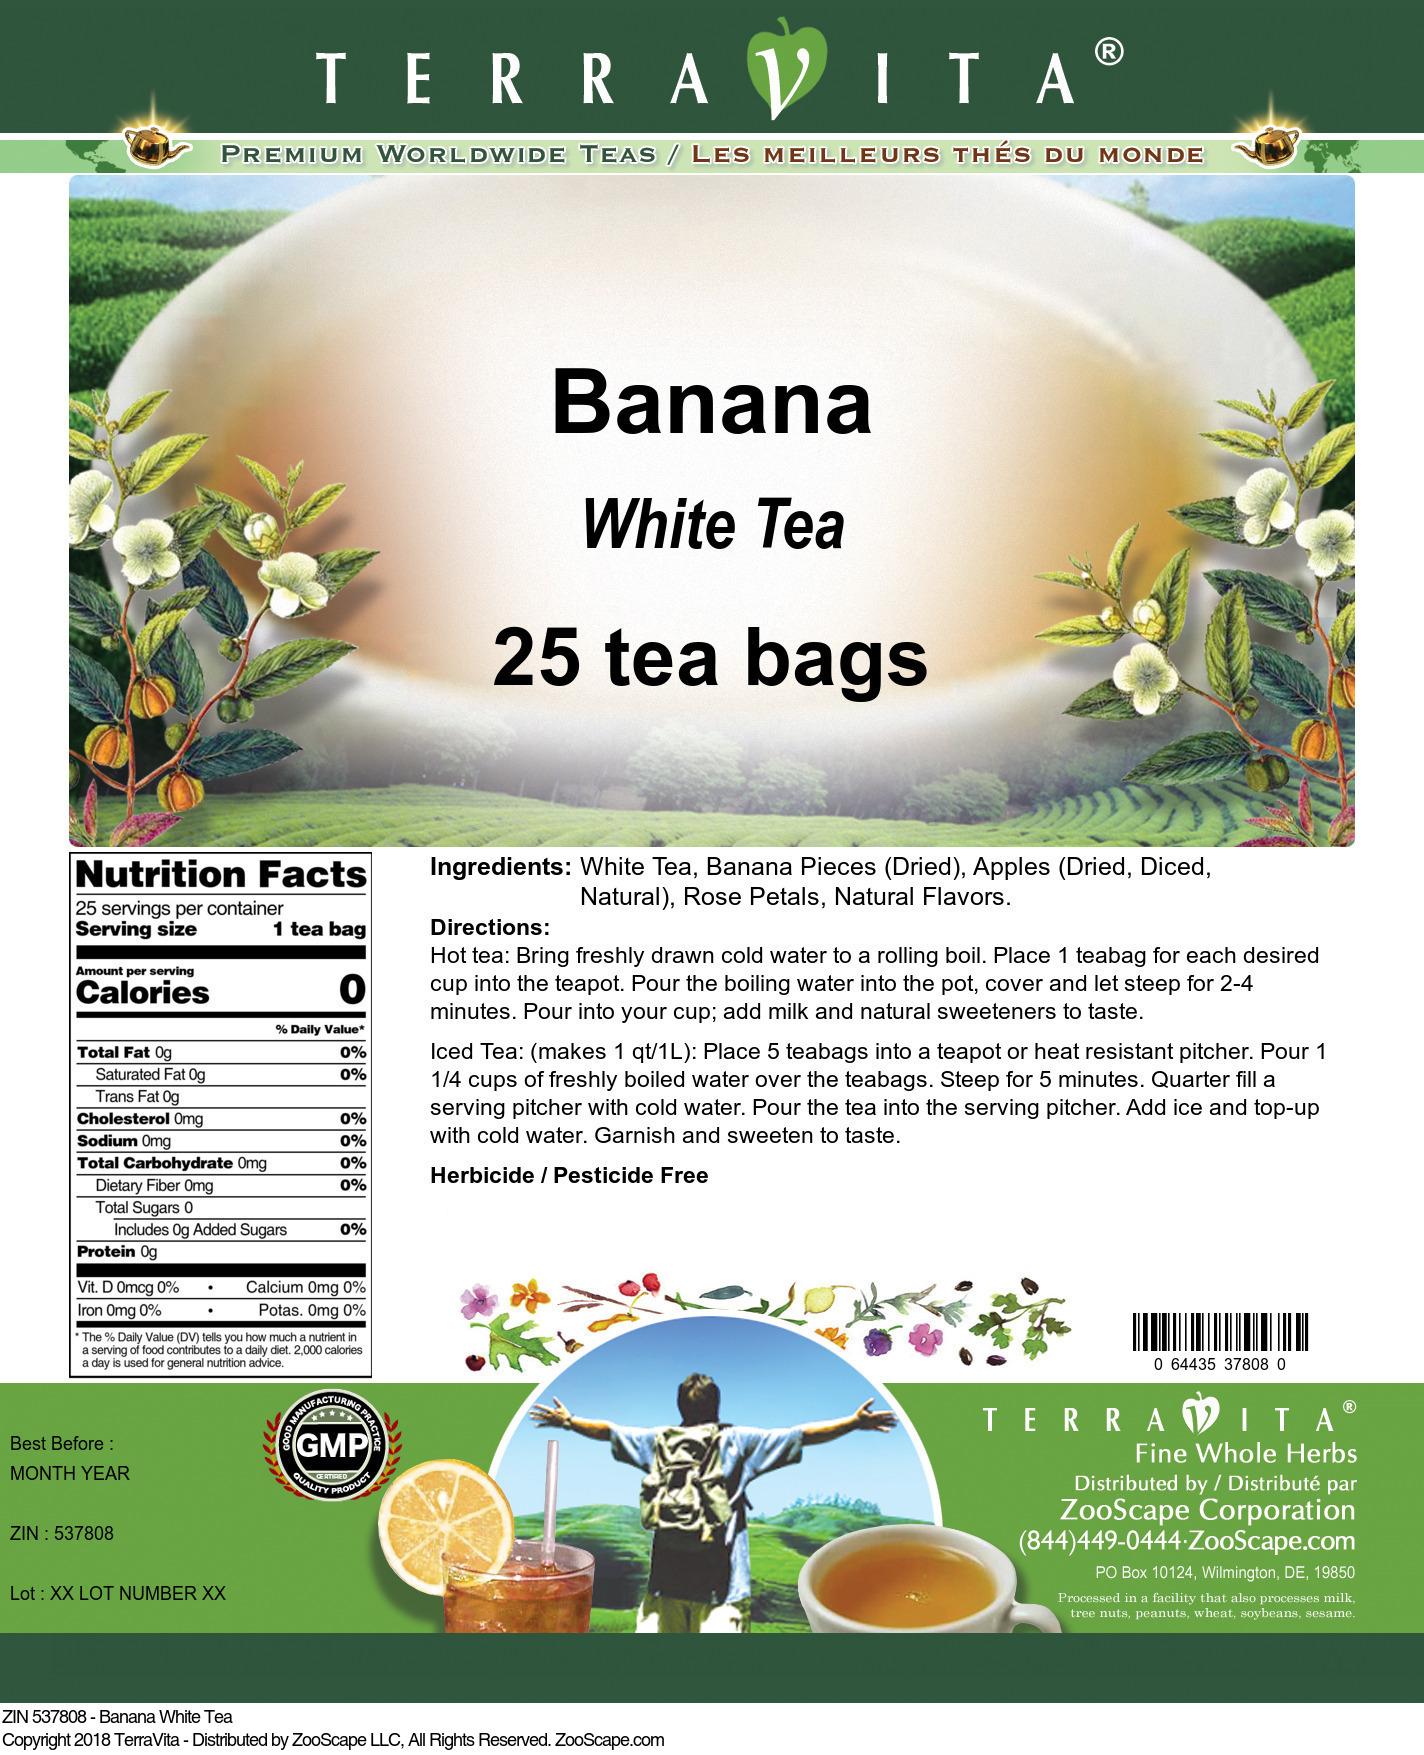 Banana White Tea